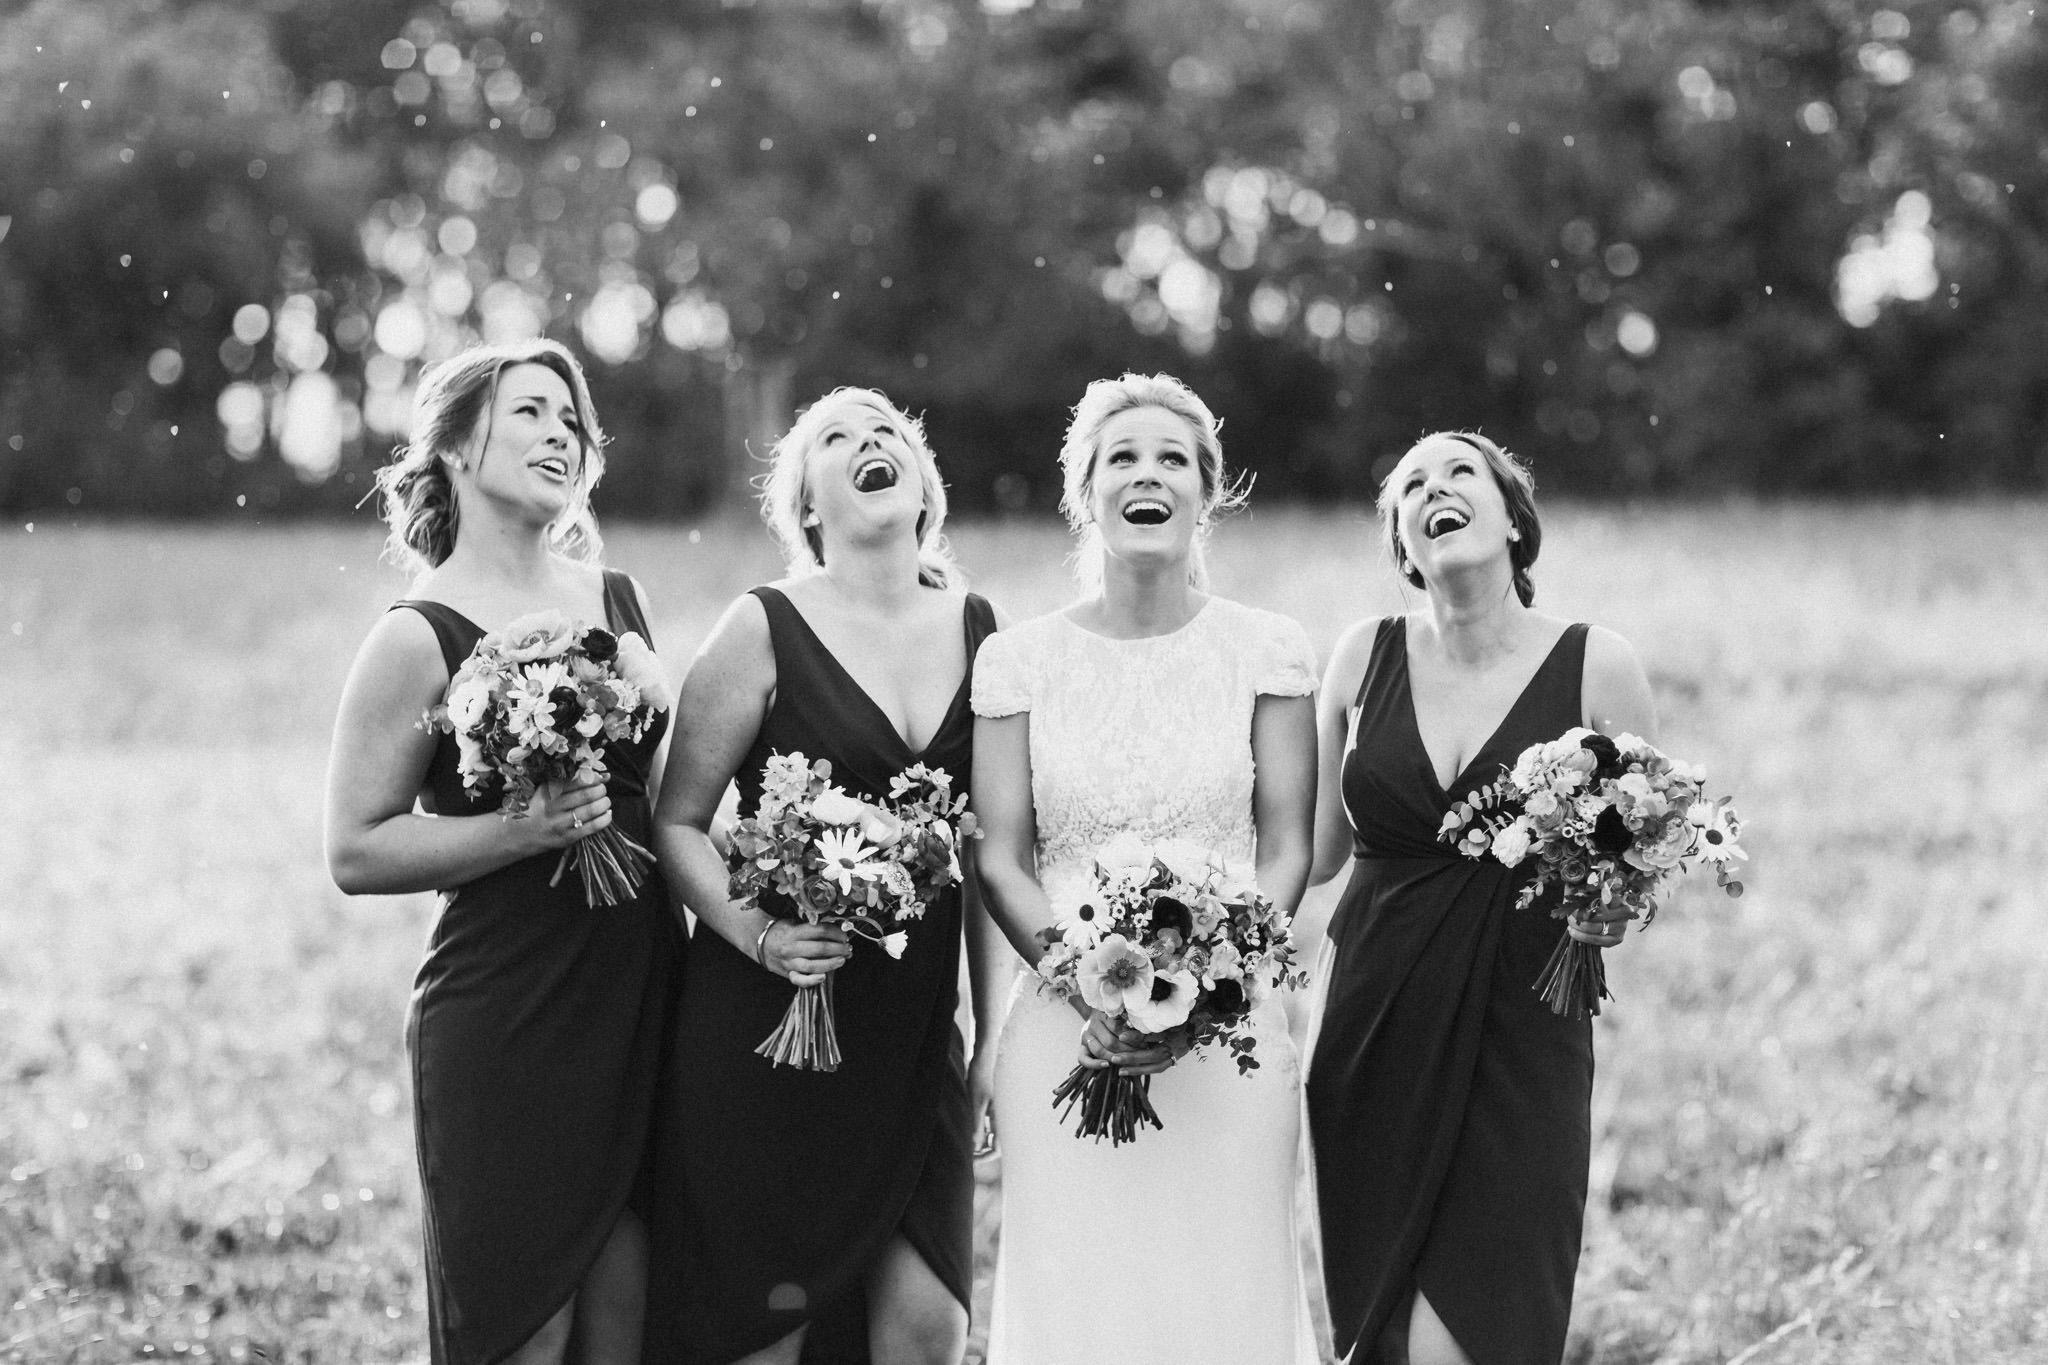 WeddingPhotos_Facebook_2048pixels-1512.jpg